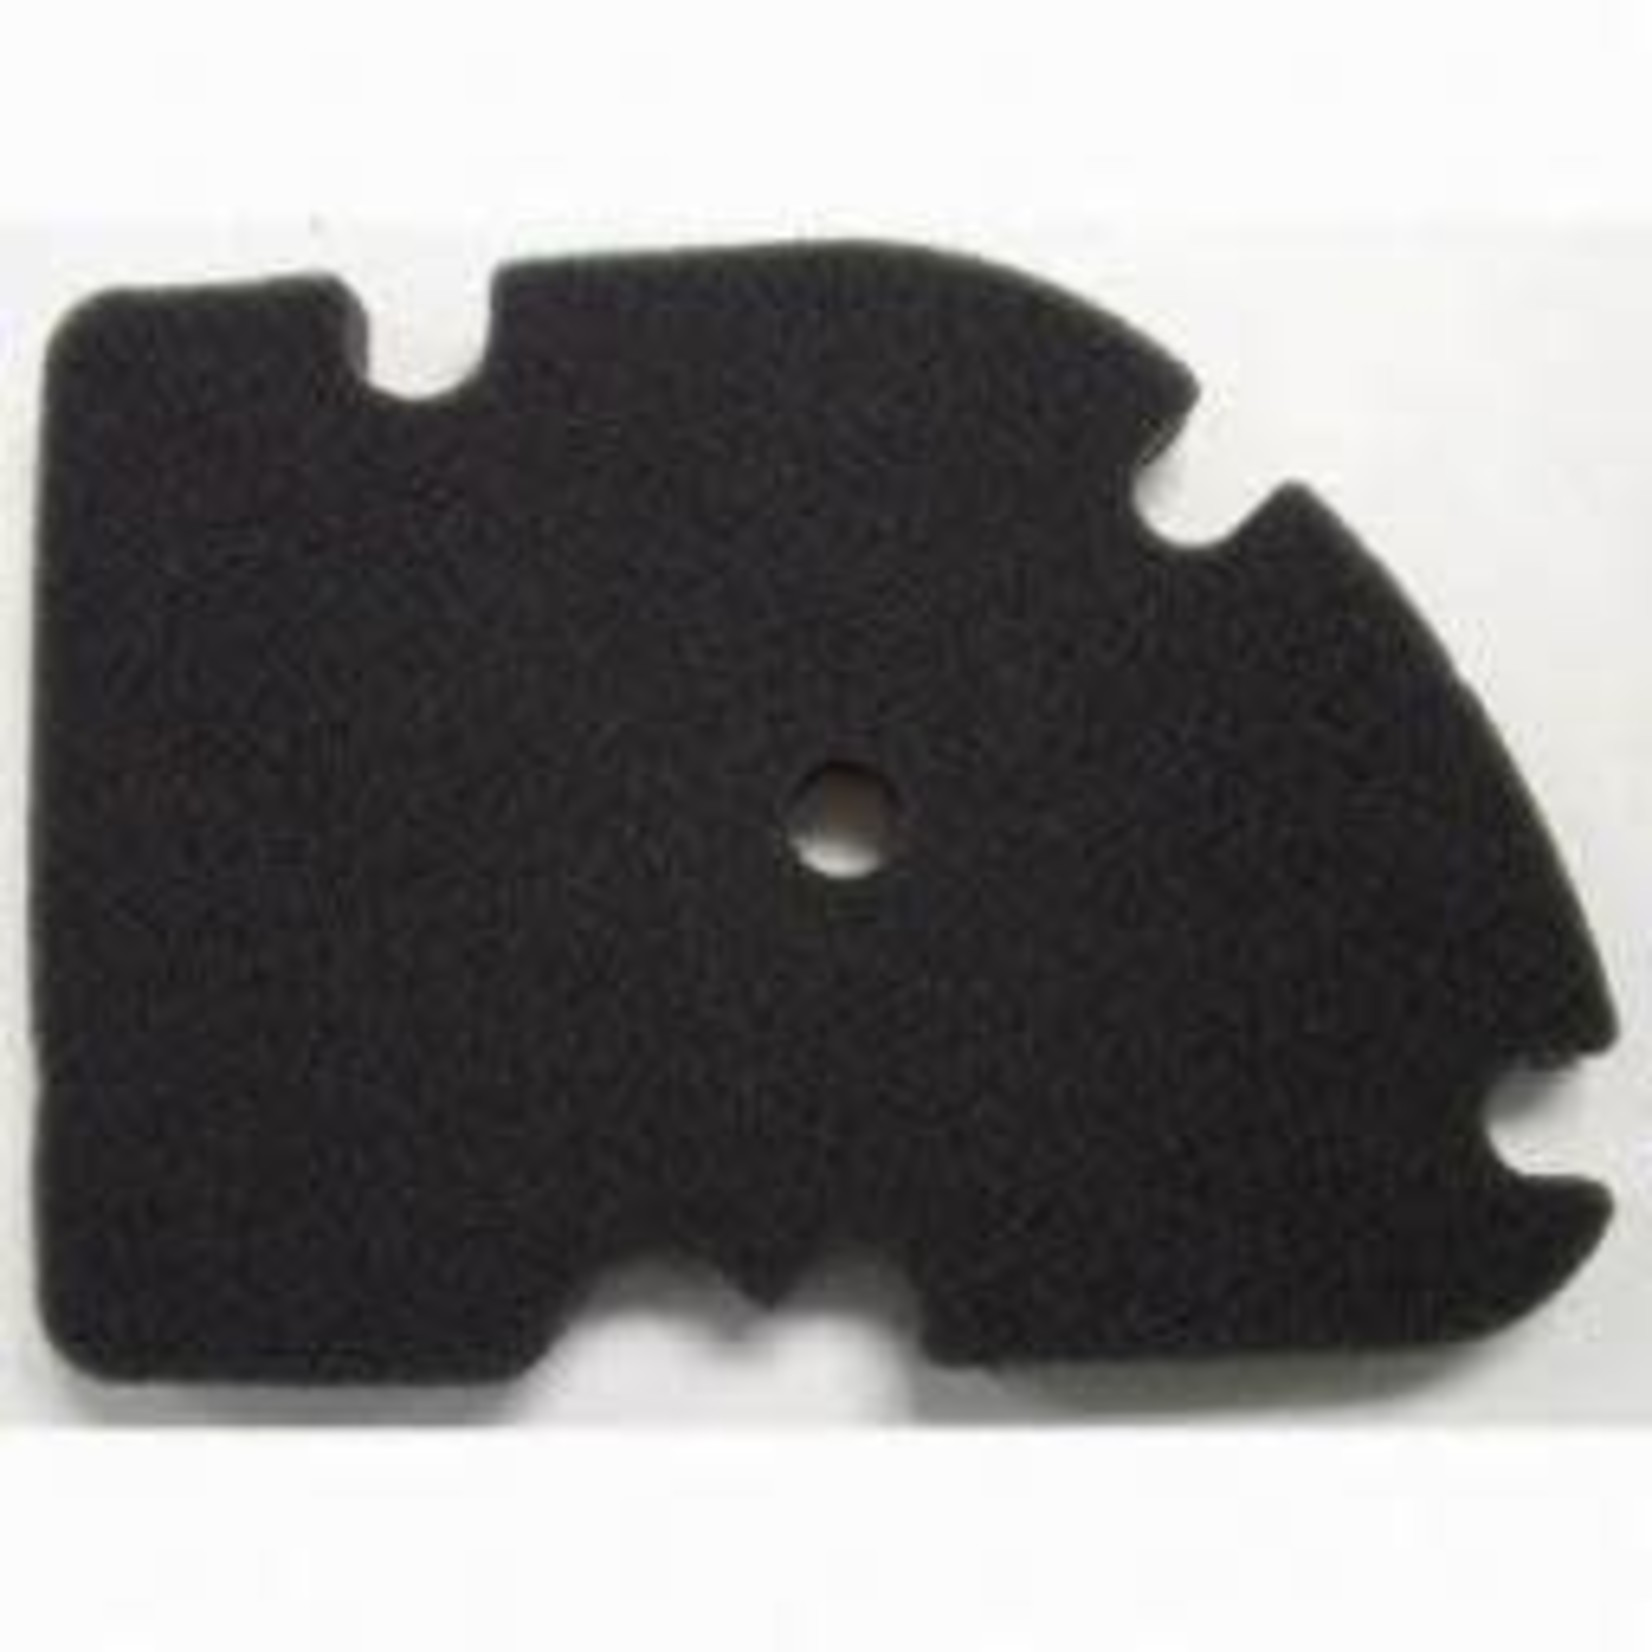 Parts Air Filter, Vespa GT/GT60/GTS/GTV/GT-Super 250&300